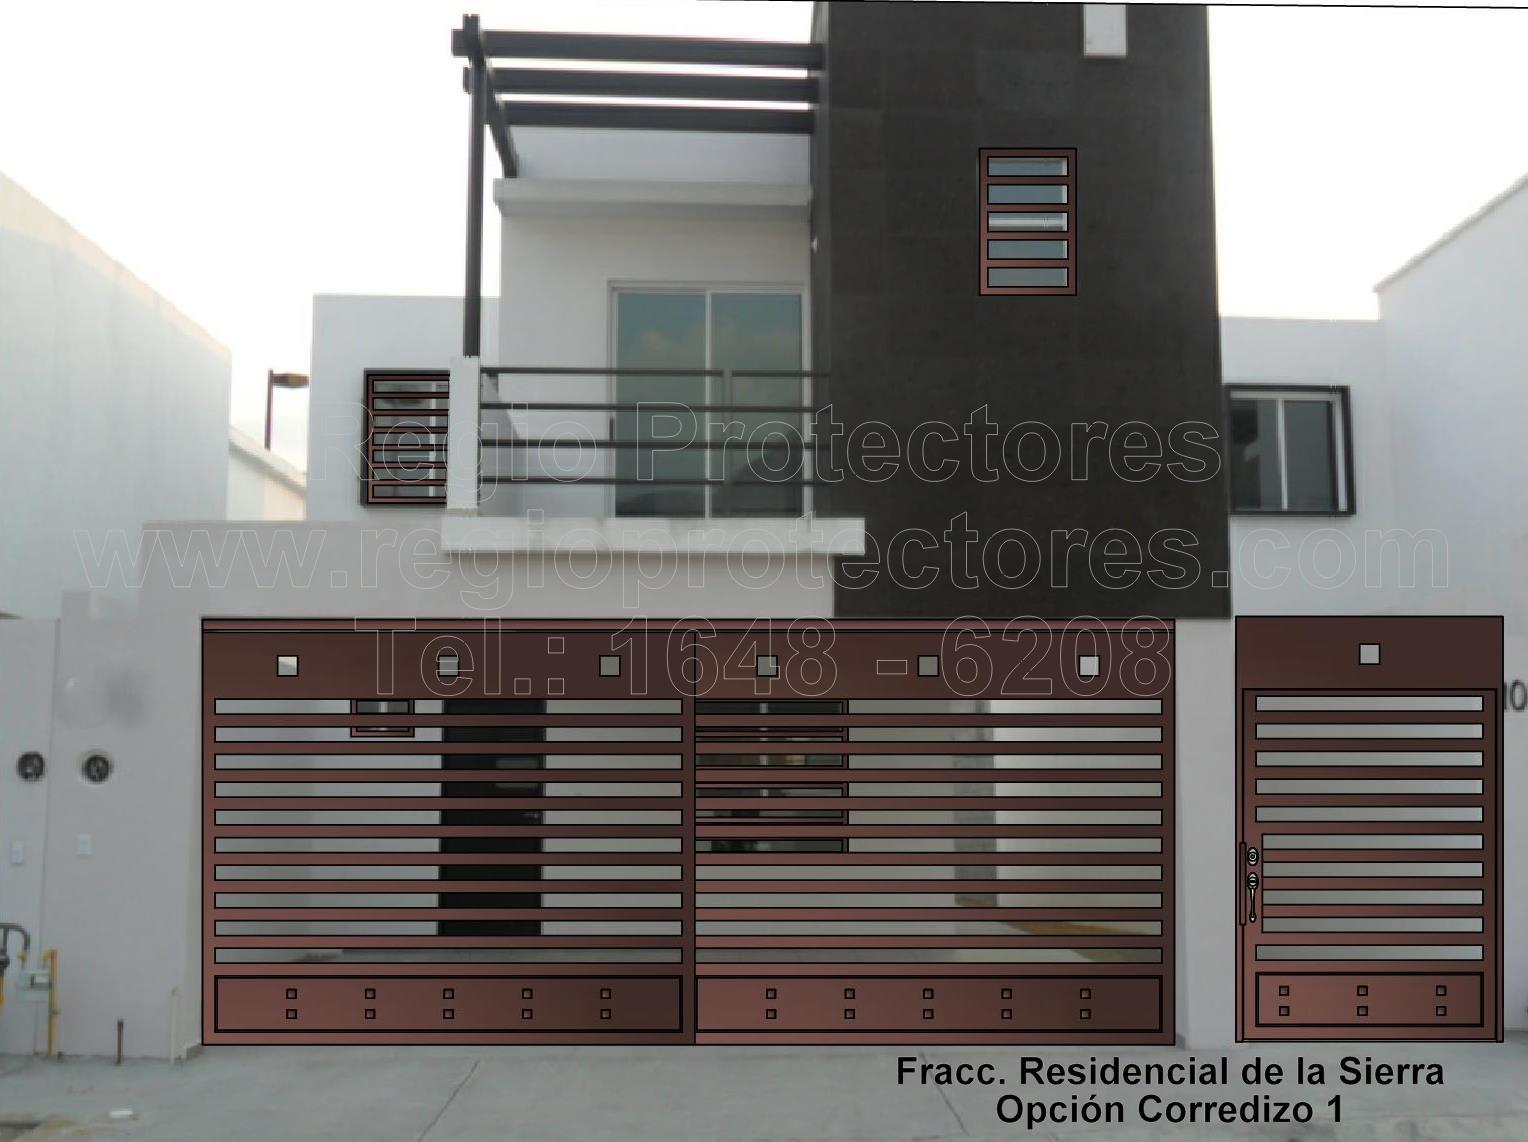 Diseño de Portón Corredizo de 2 Hojas, M.G. Fracc. Residencial de la